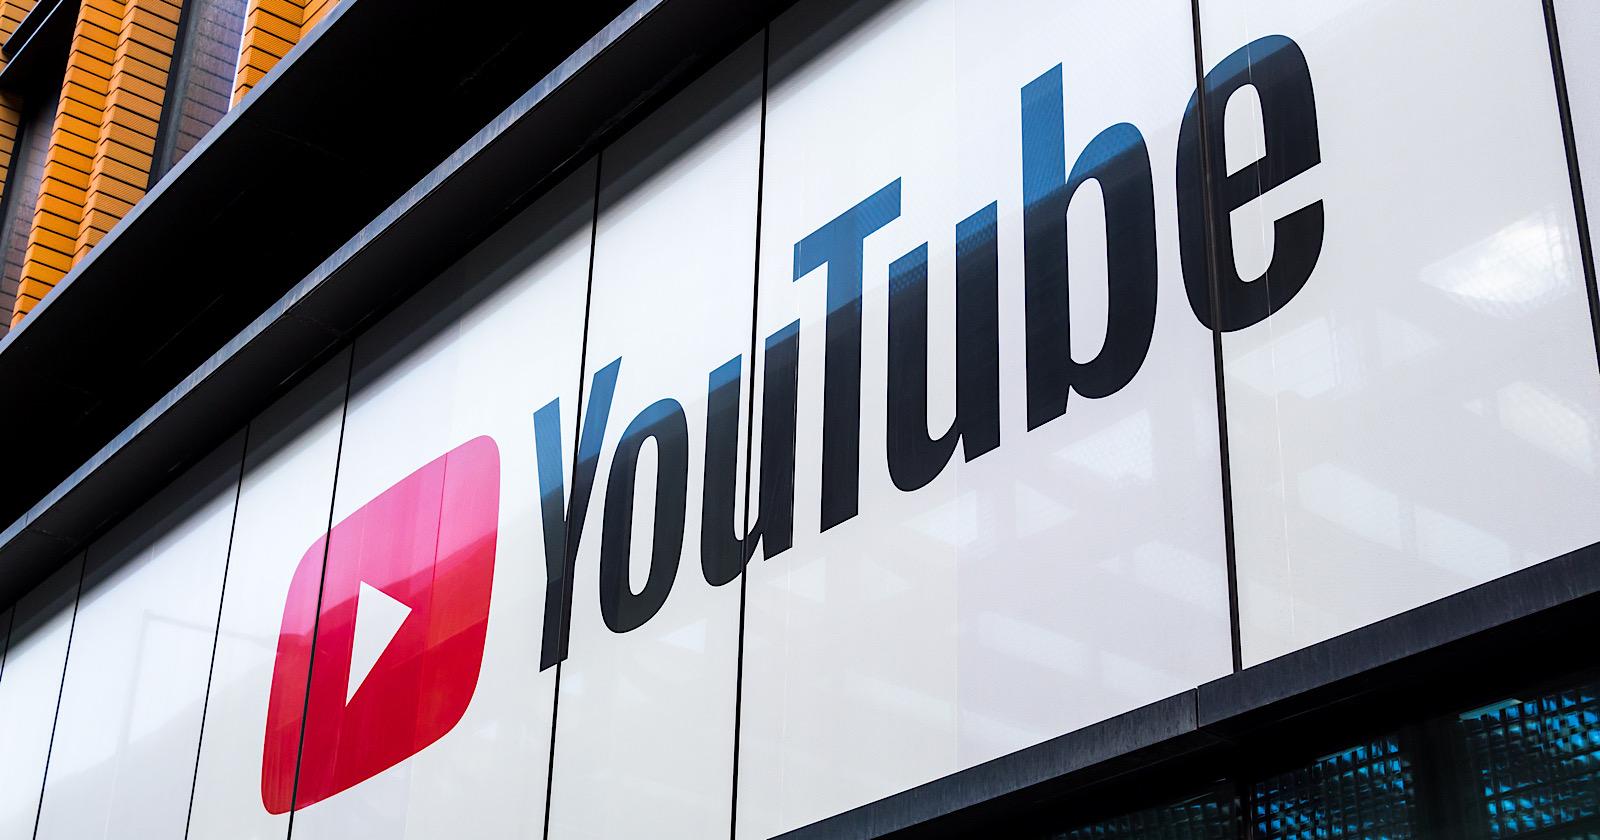 Les 5 conseils de YouTube pour aider les petites chaînes à se développer